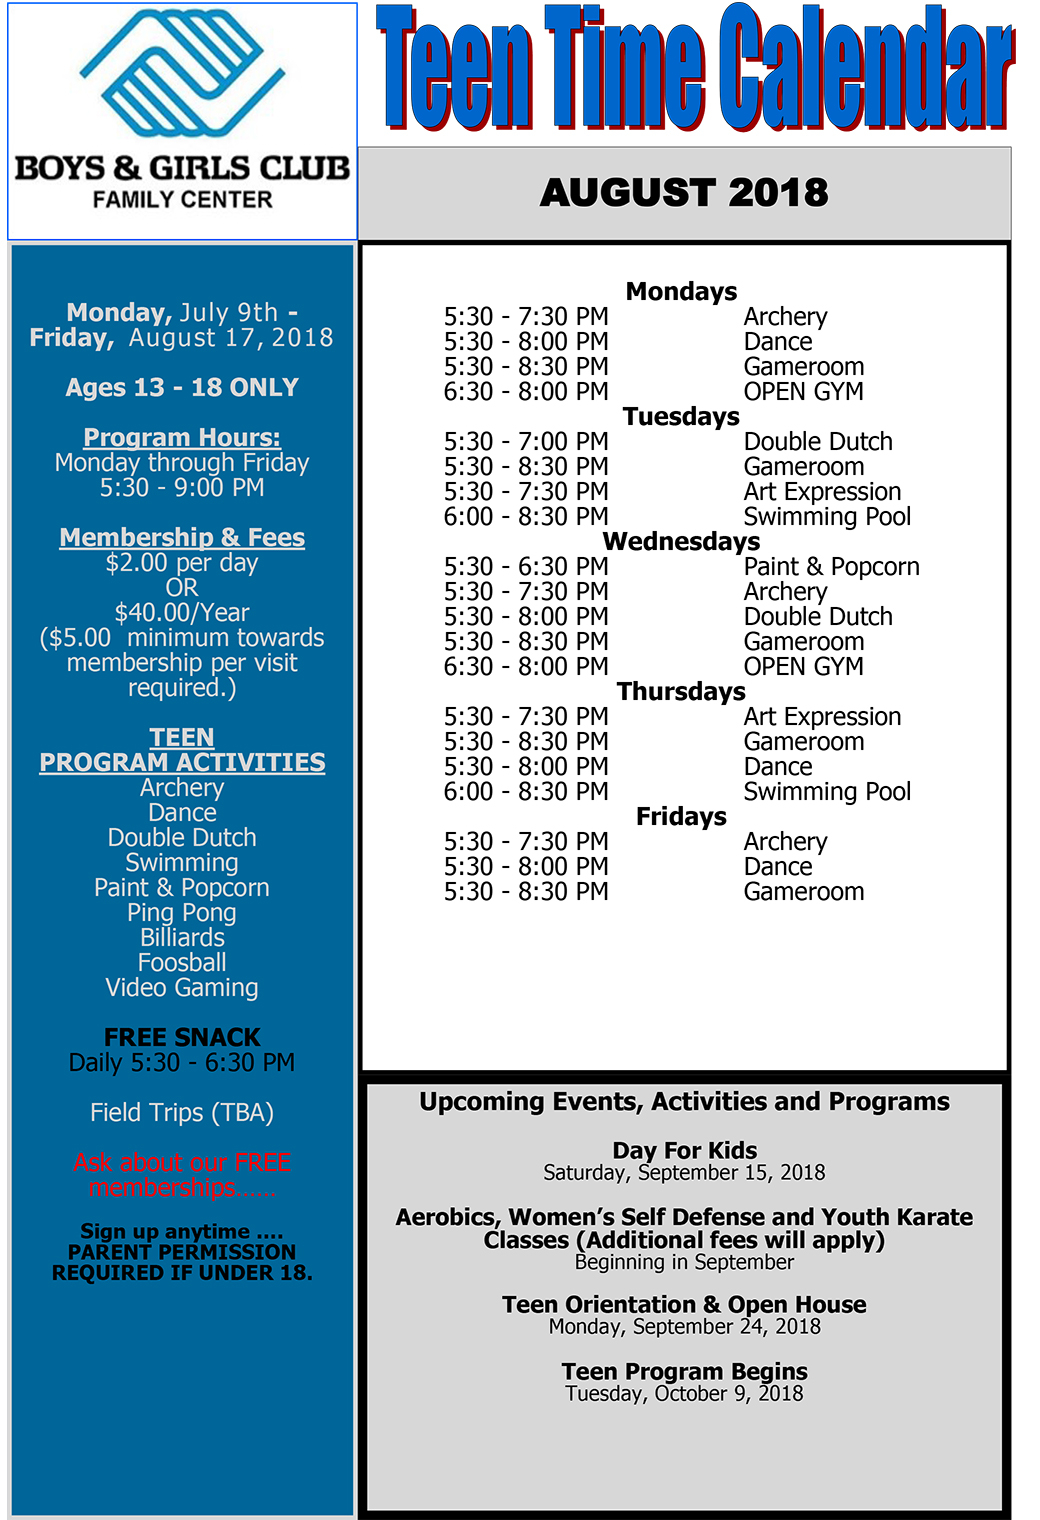 August Teen Summer Program Calendar   Boys & Girls Club intended for Boys And Girls Club Program Program Calendar